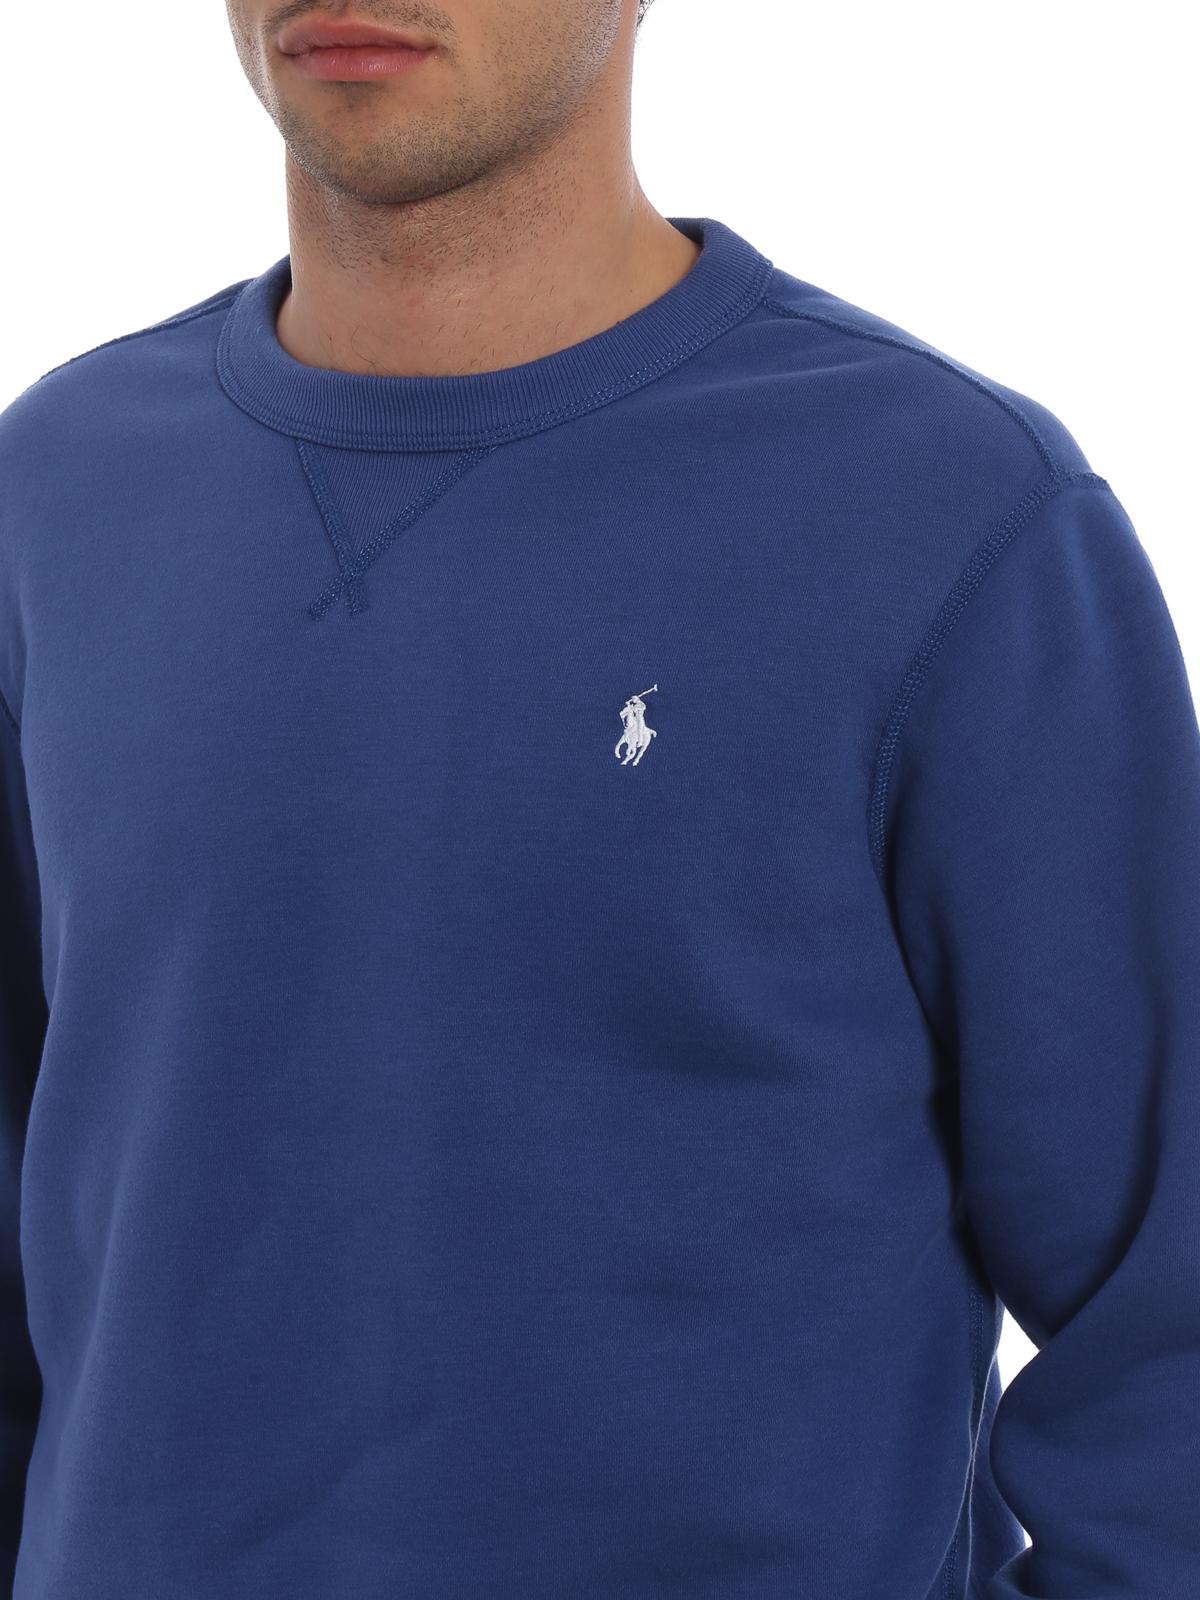 sale retailer fcb96 2812e Polo Ralph Lauren - Cornflower blue cotton blend sweatshirt ...